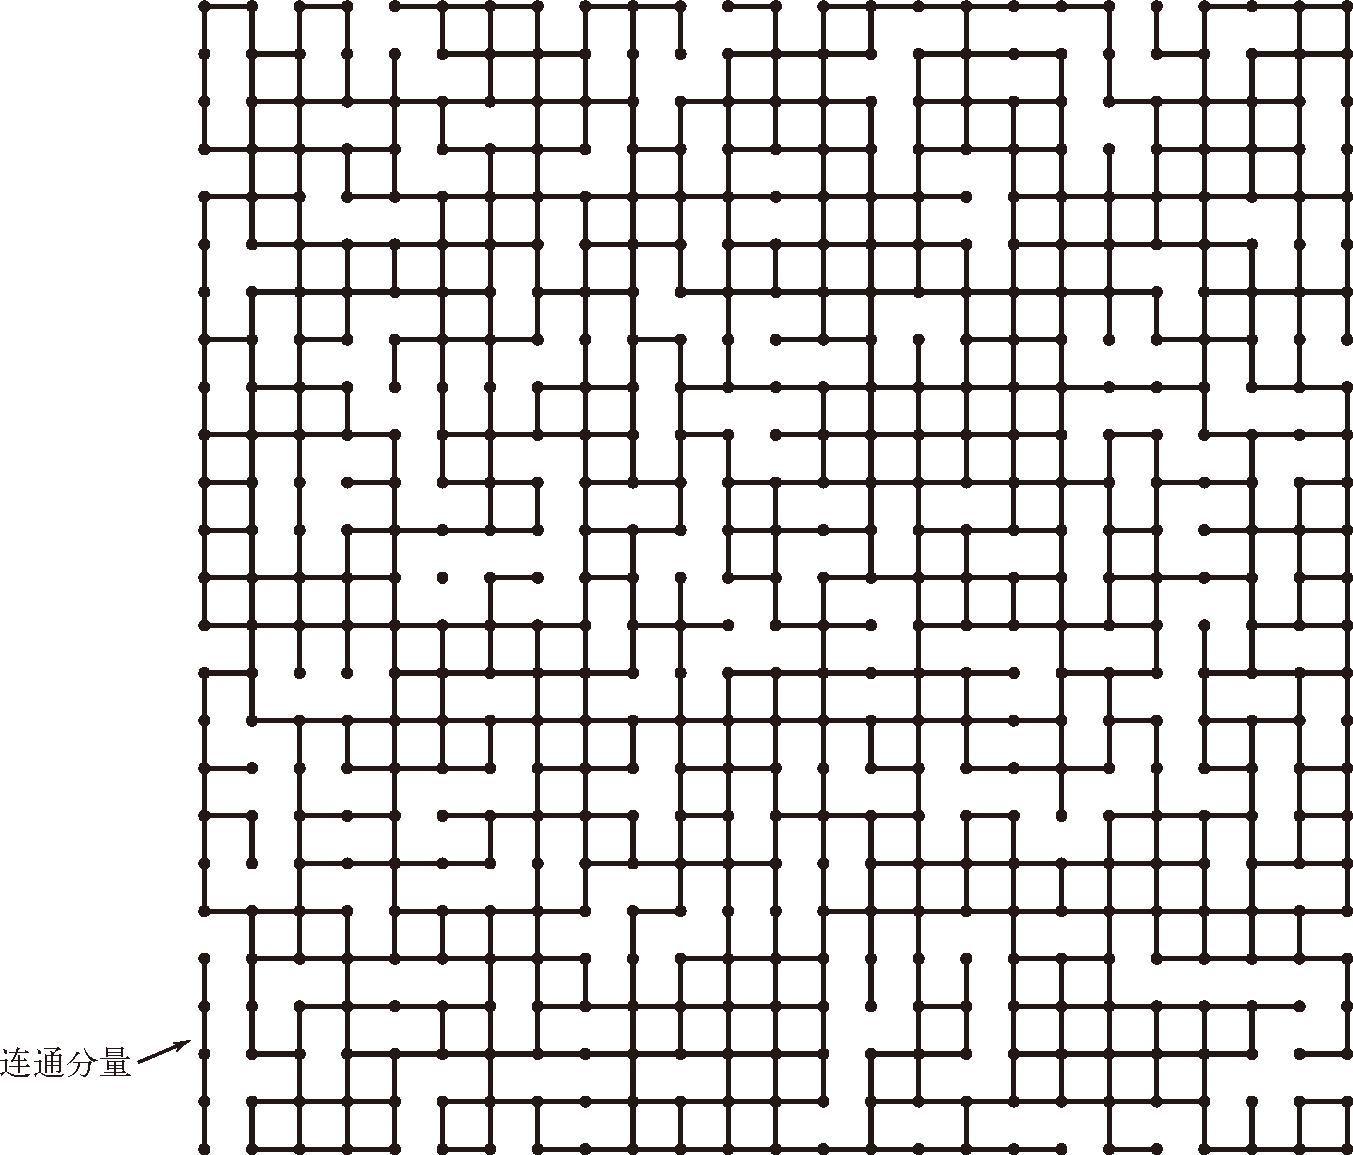 算法(4th ed)(202):基础——案例研究:union-find 算法 7.1.3